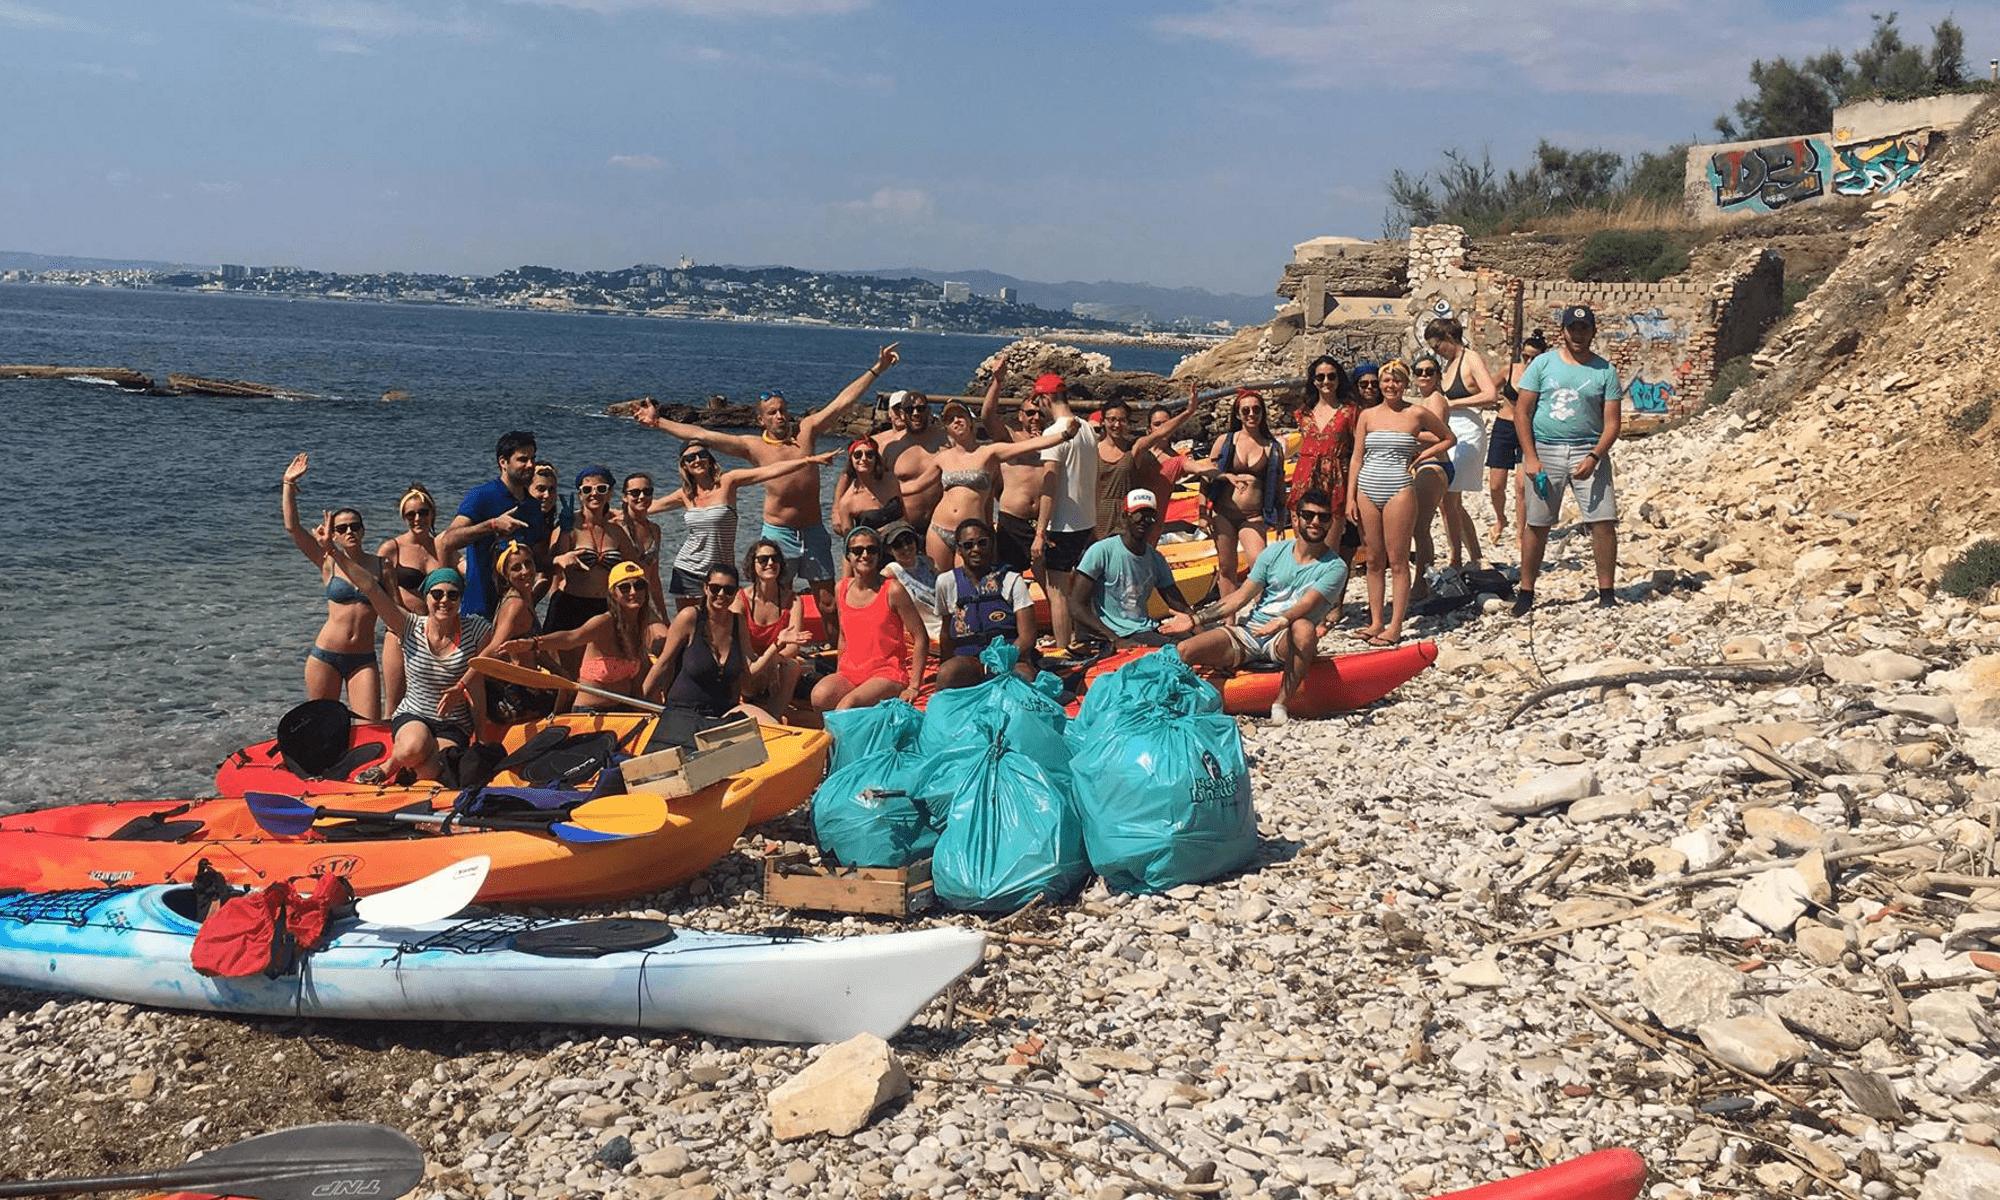 Image principal Édition spéciale kayak (#9)